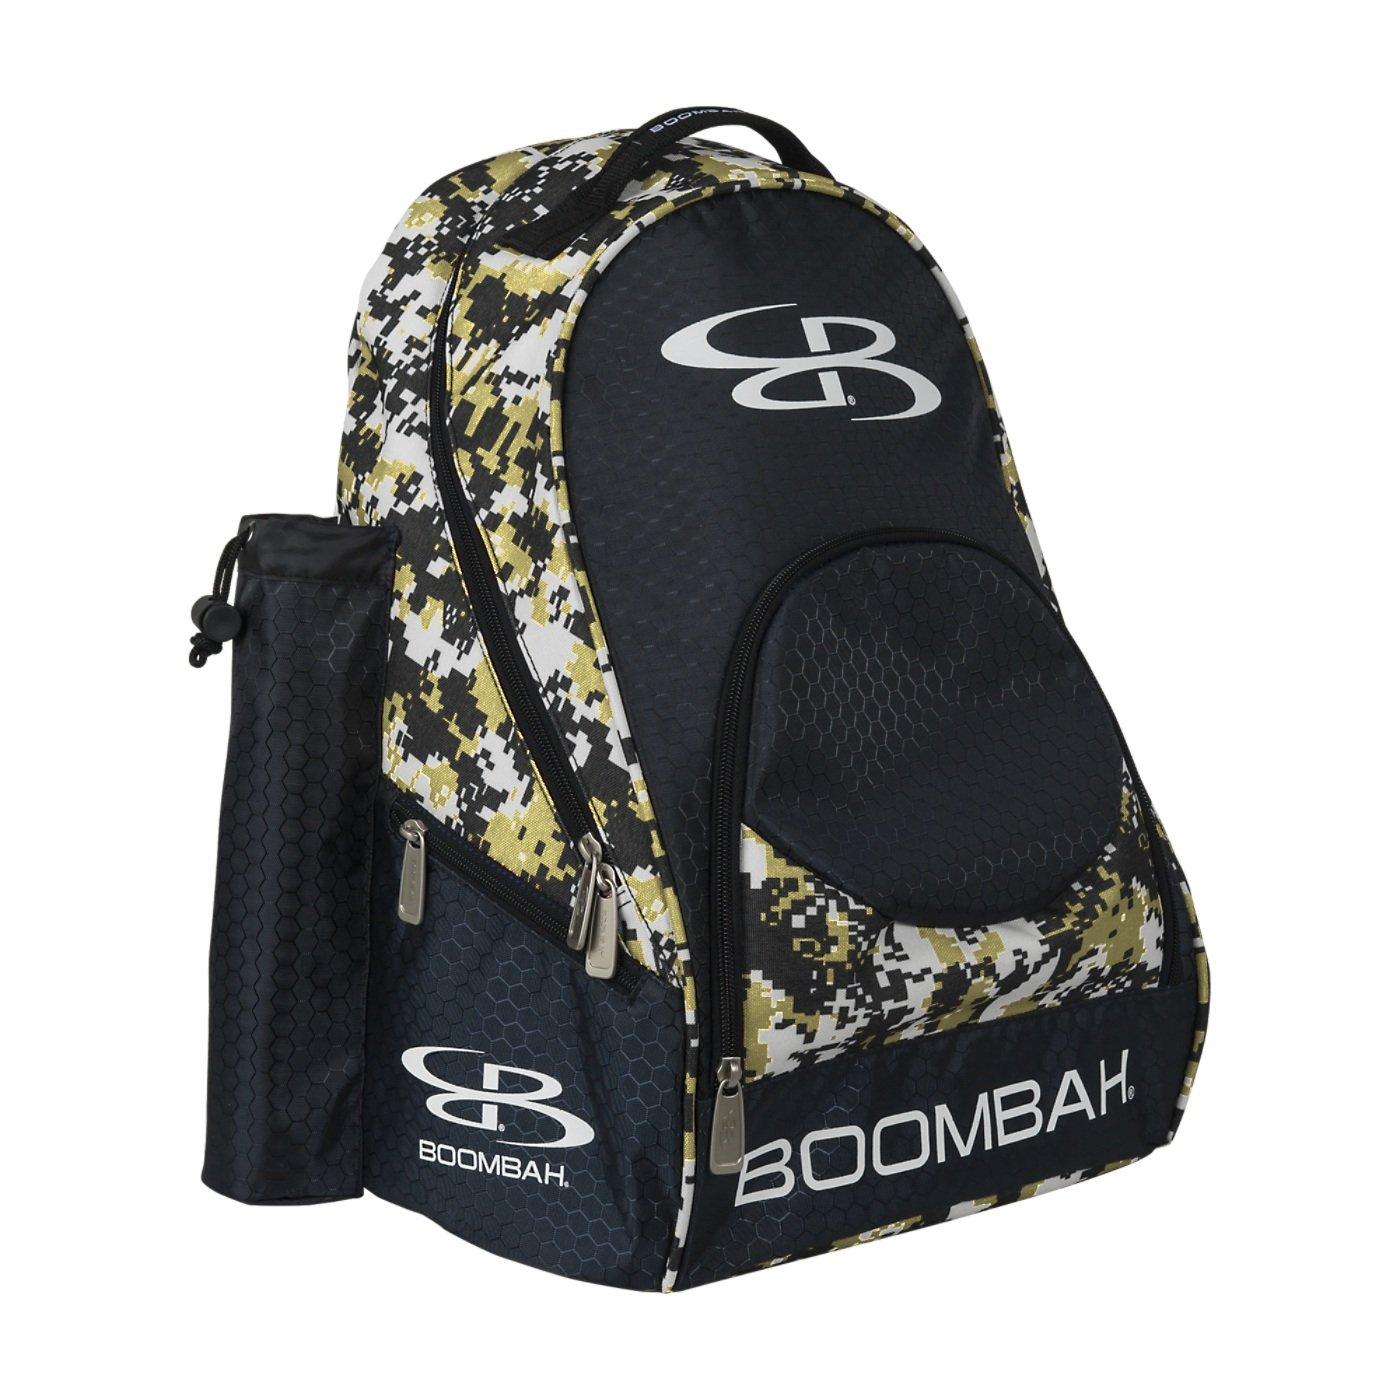 (ブームバー) Boombah Tyroシリーズ 野球/ソフトボールバットが収納できるバックパック 20x 15x10インチ 迷彩柄 20色展開 2-3/4インチまでのバットを2本収納可 B01MTU9Z6H ブラック/ベガスゴールド ブラック/ベガスゴールド